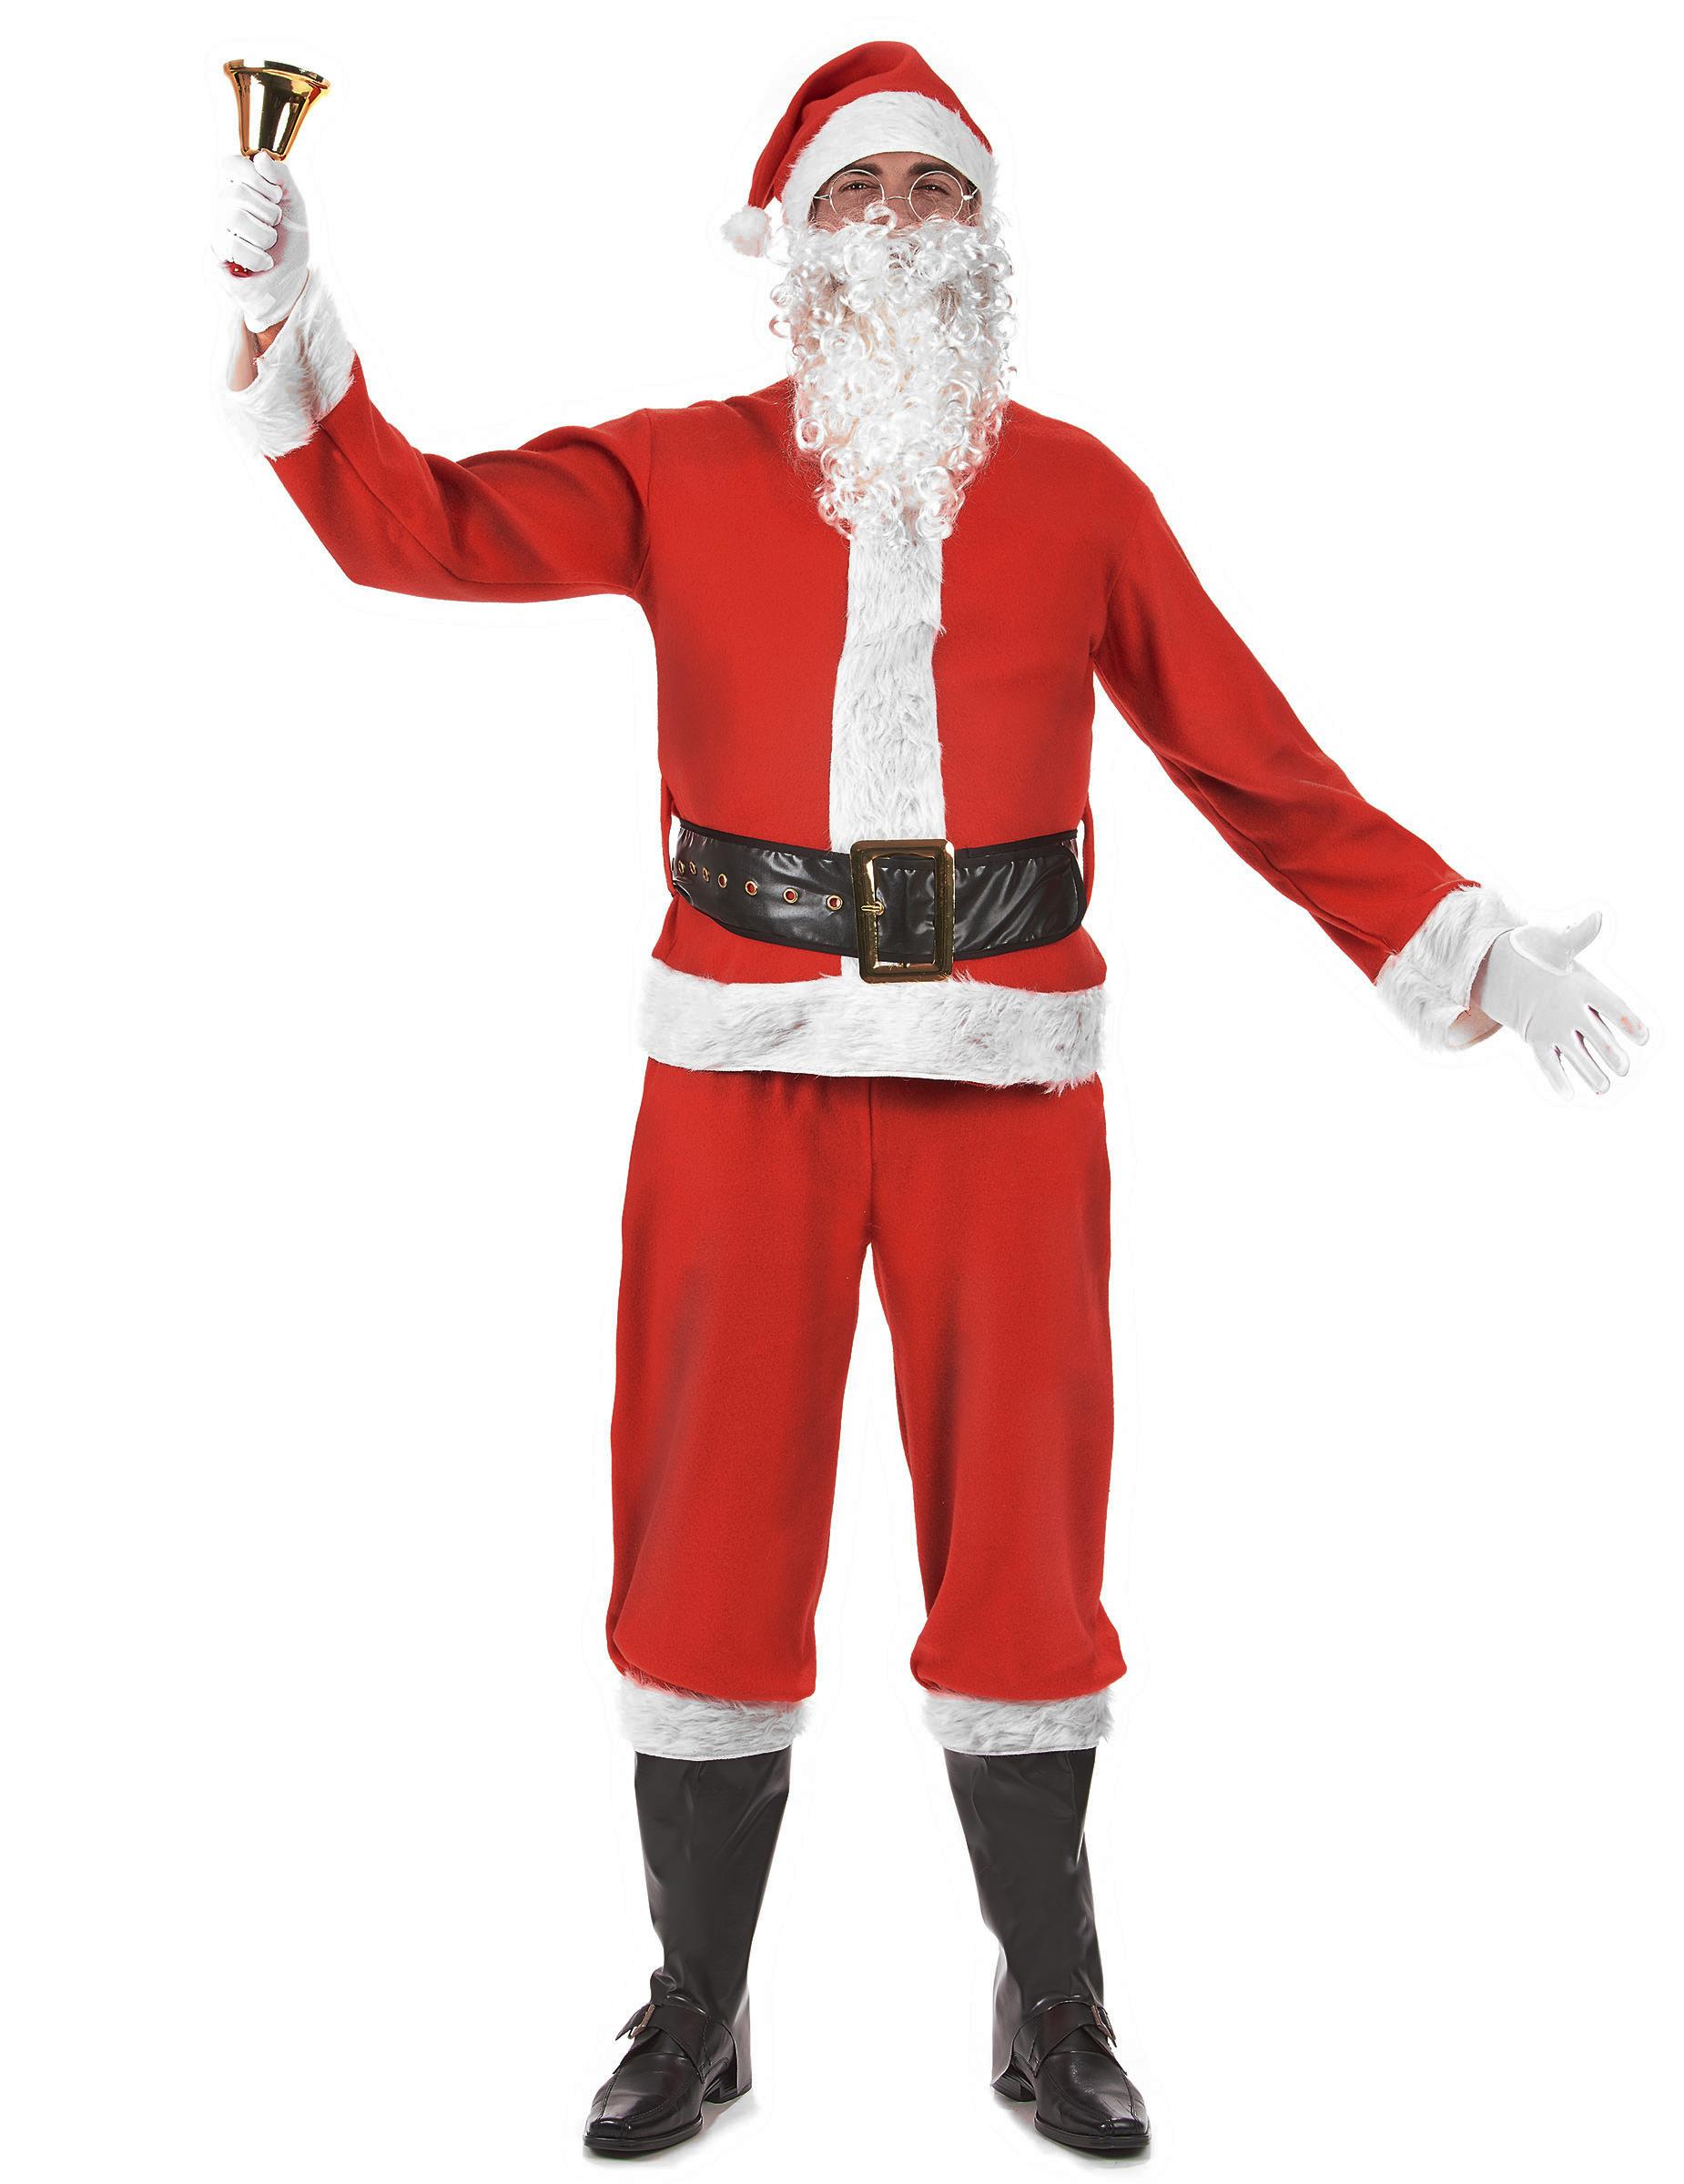 3ccf0a60effdd Déguisements de Père Noël adultes - Deguisetoi.fr